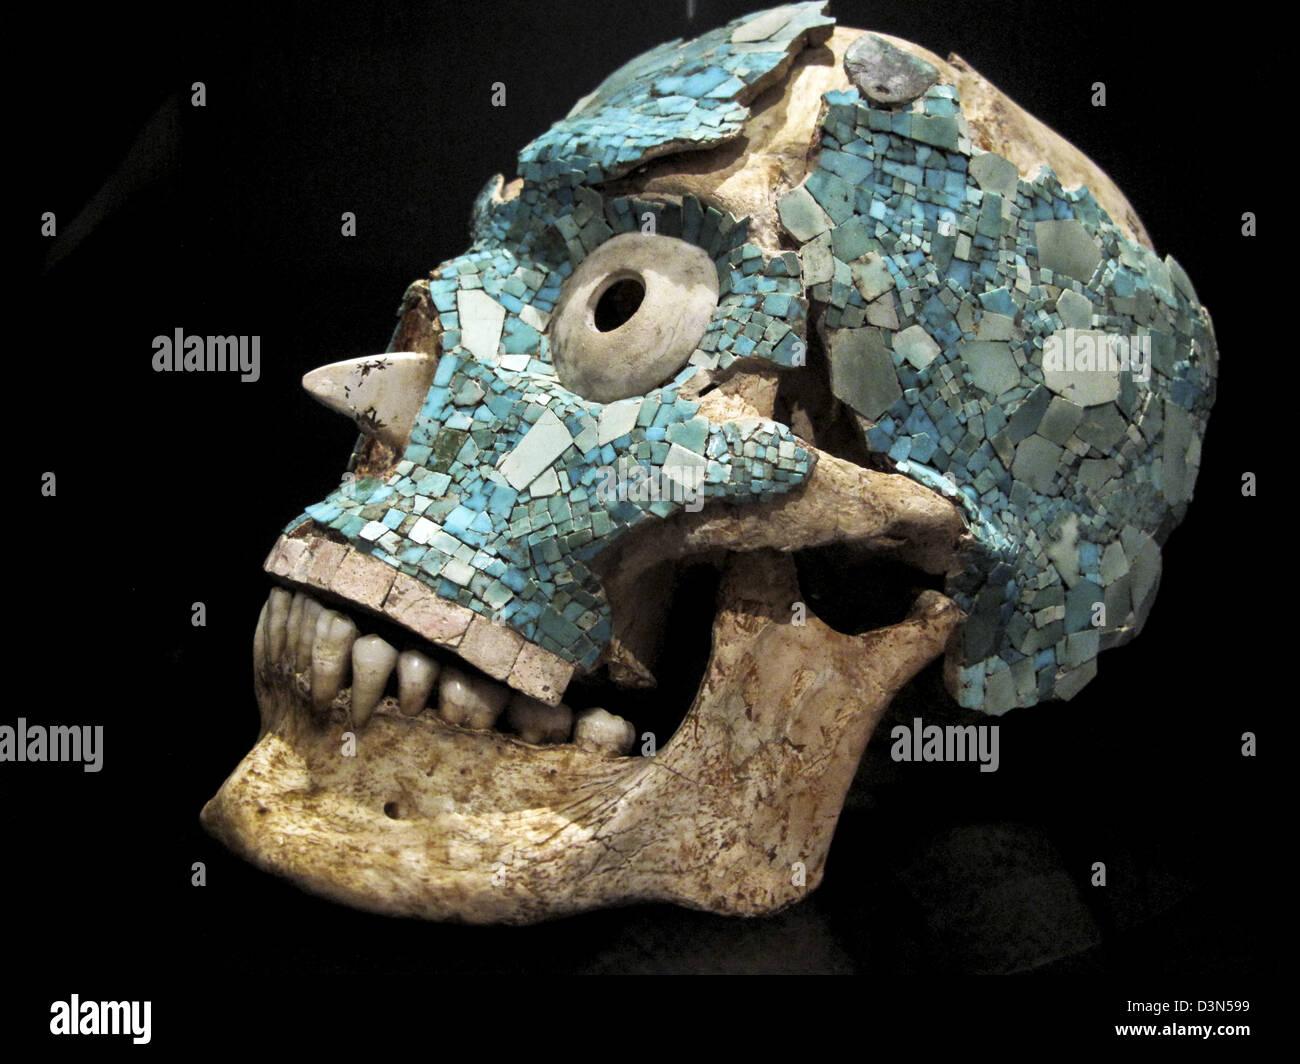 Arte precolombino cráneo humano con inserción de piedras preciosas y el globo ocular globo ocular superposición Imagen De Stock